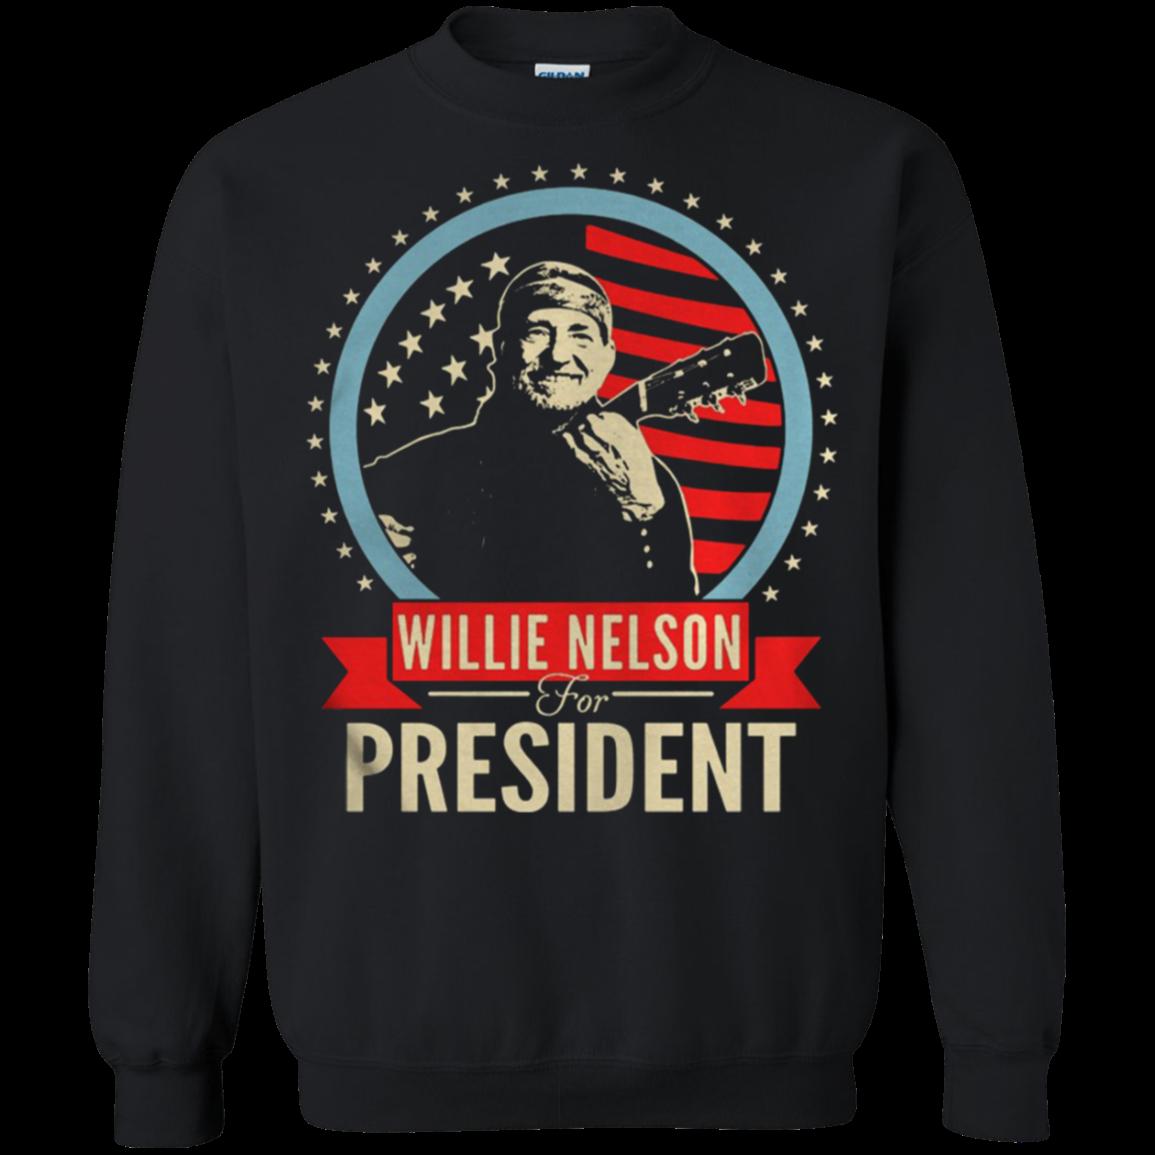 Willie Nelson For President Shirt